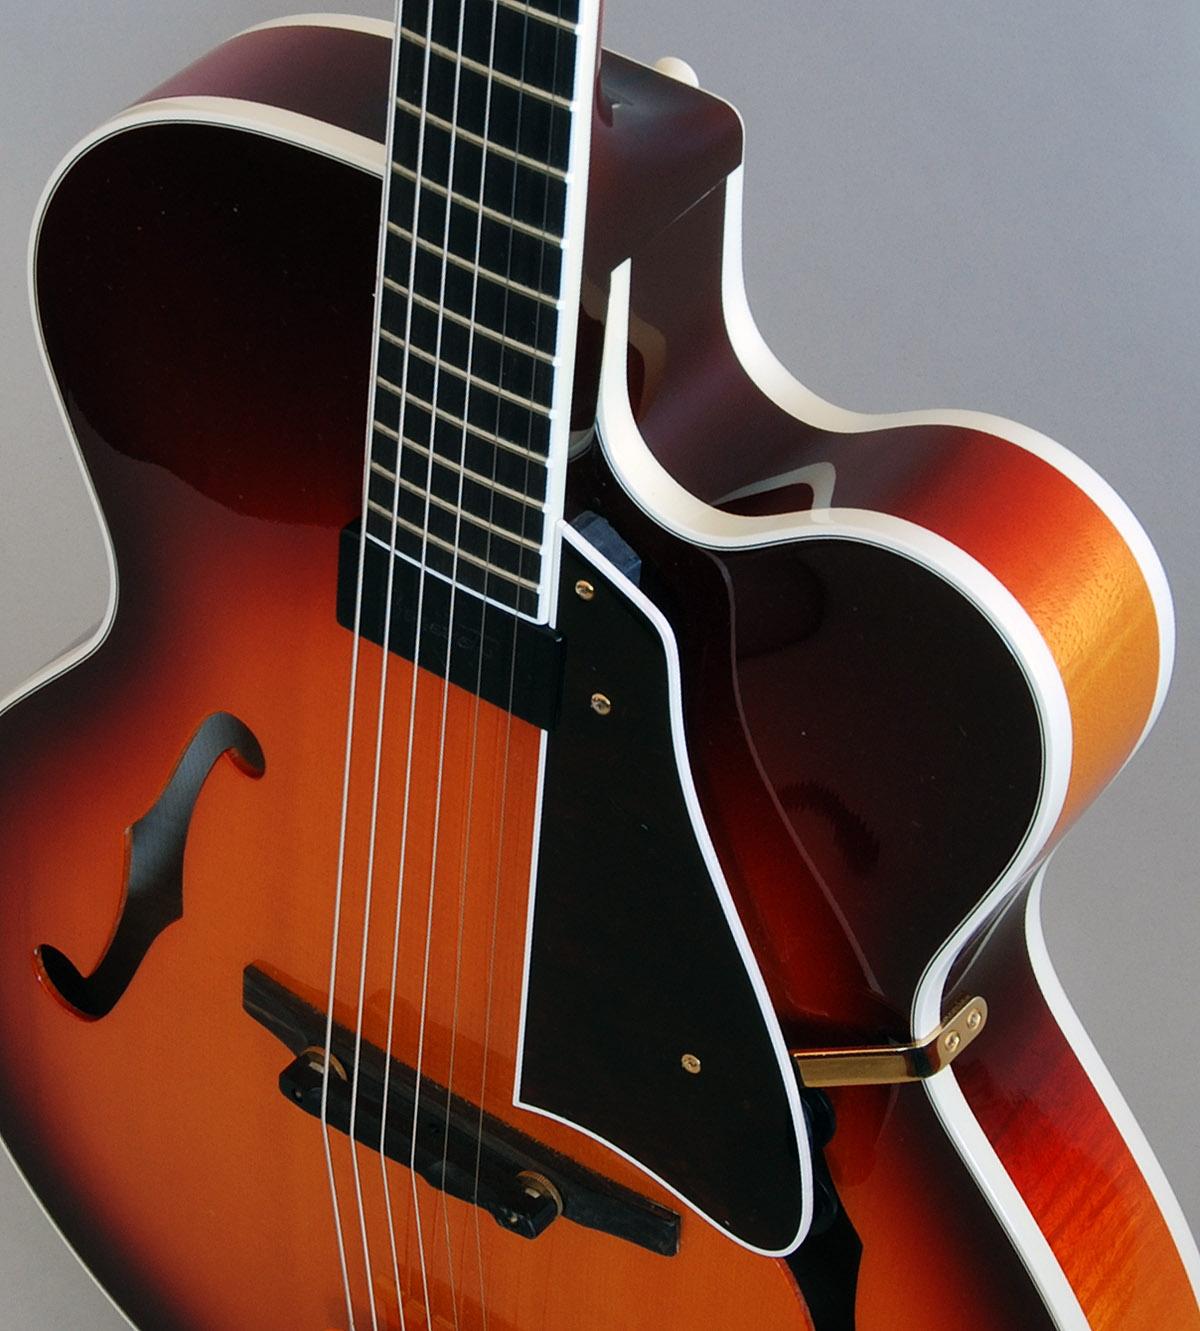 campellone guitar for sale. Black Bedroom Furniture Sets. Home Design Ideas